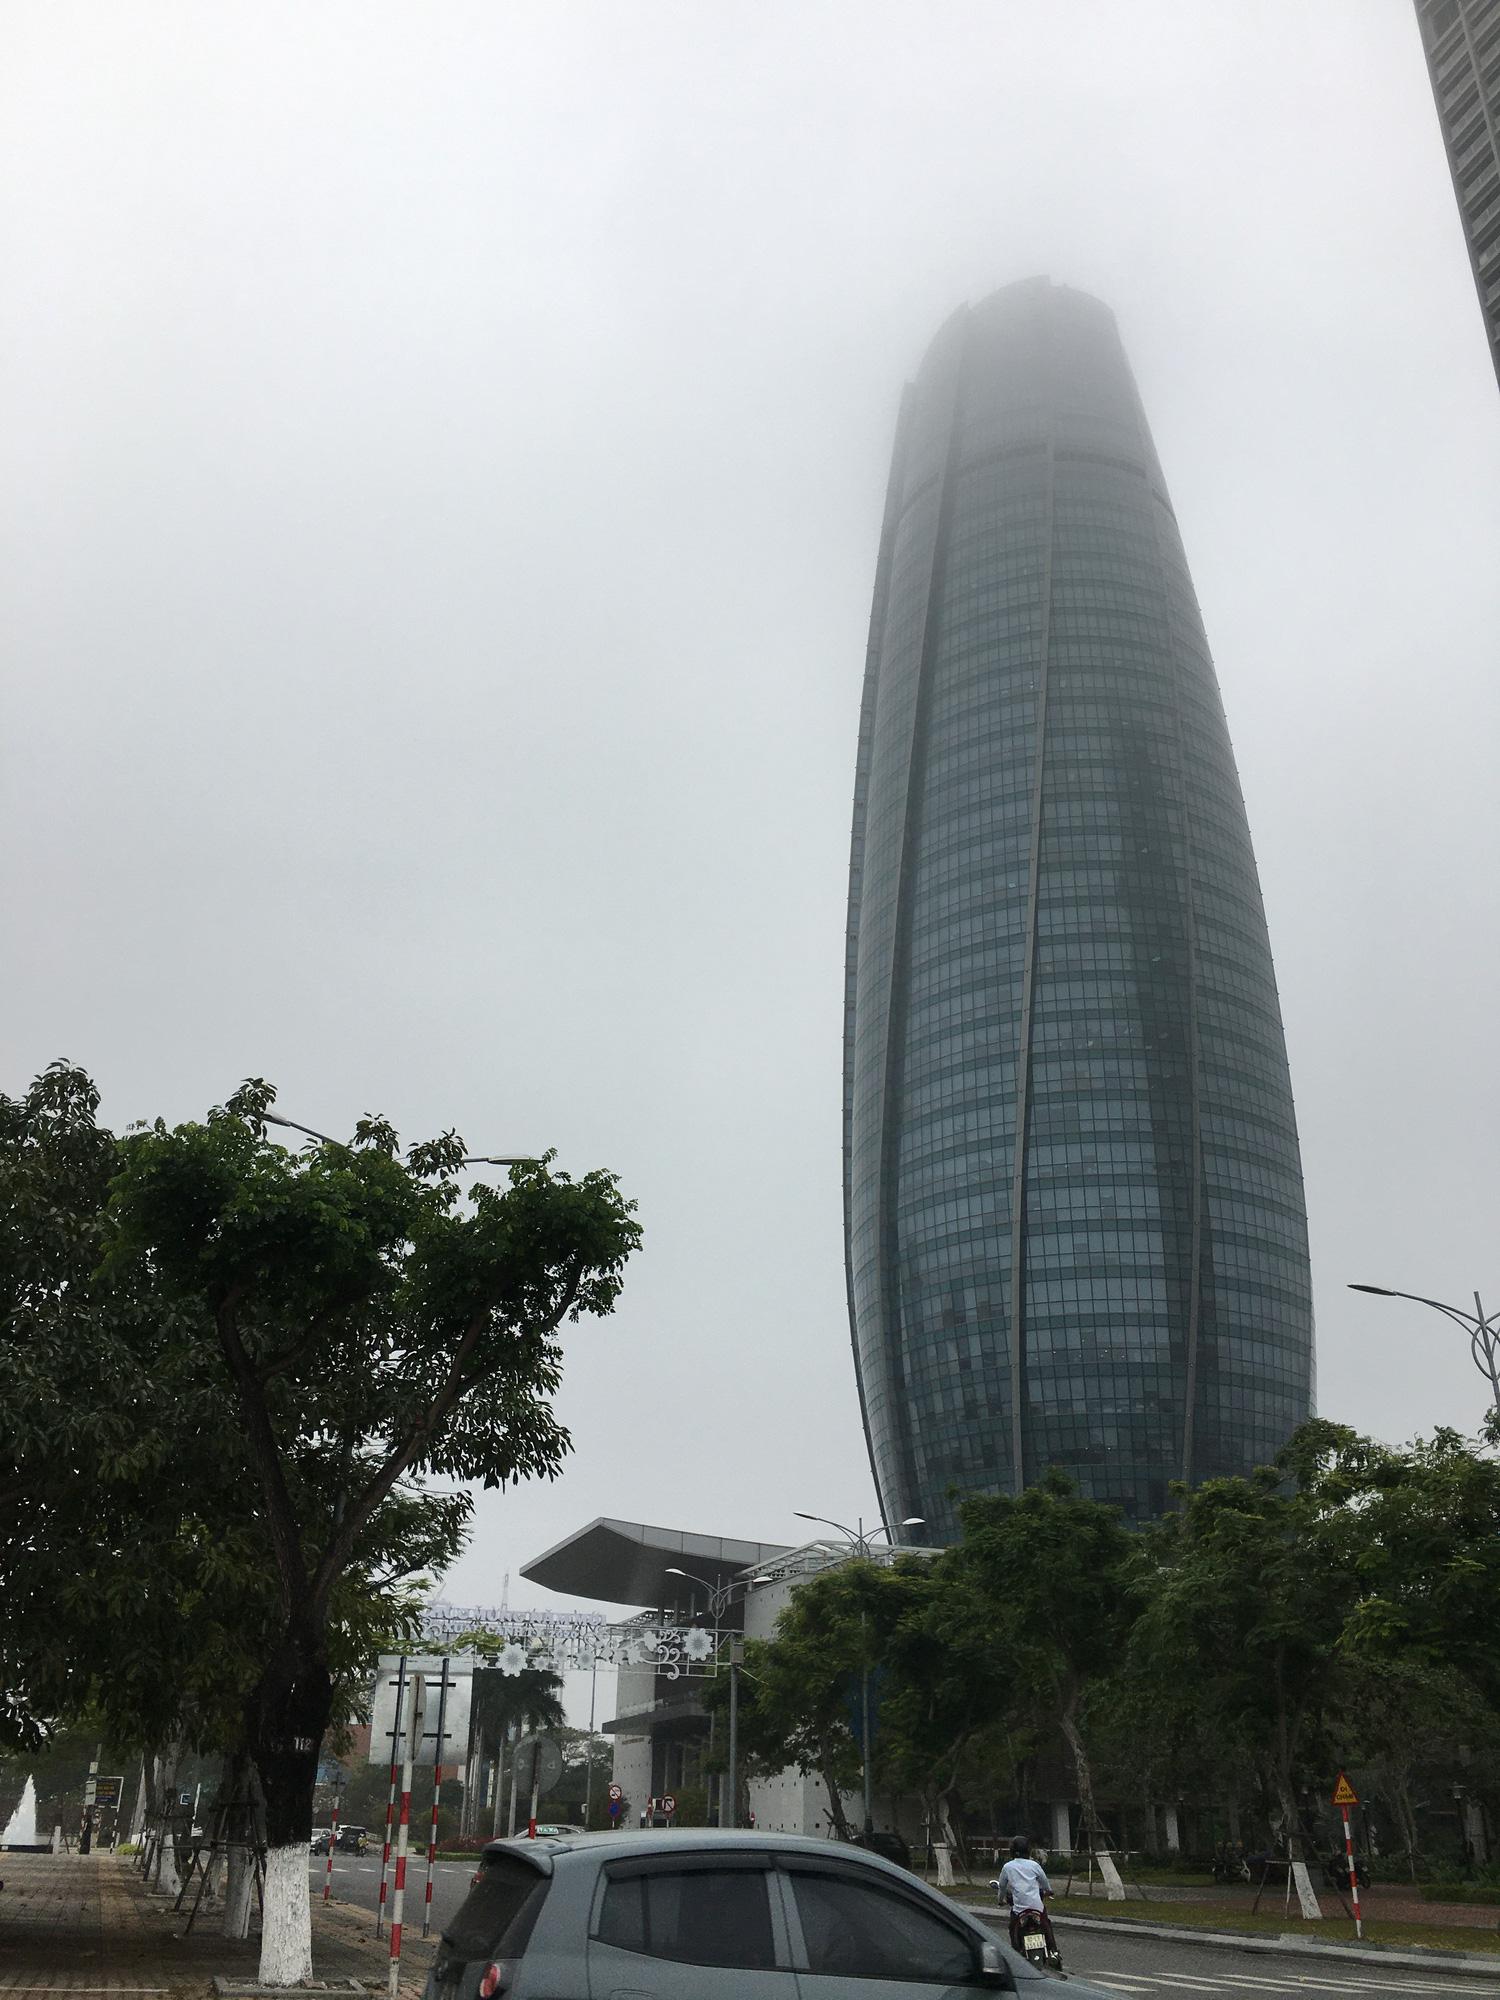 Đà Nẵng chìm trong sương mù dày đặc dù đã gần 9 giờ sáng - Ảnh 3.